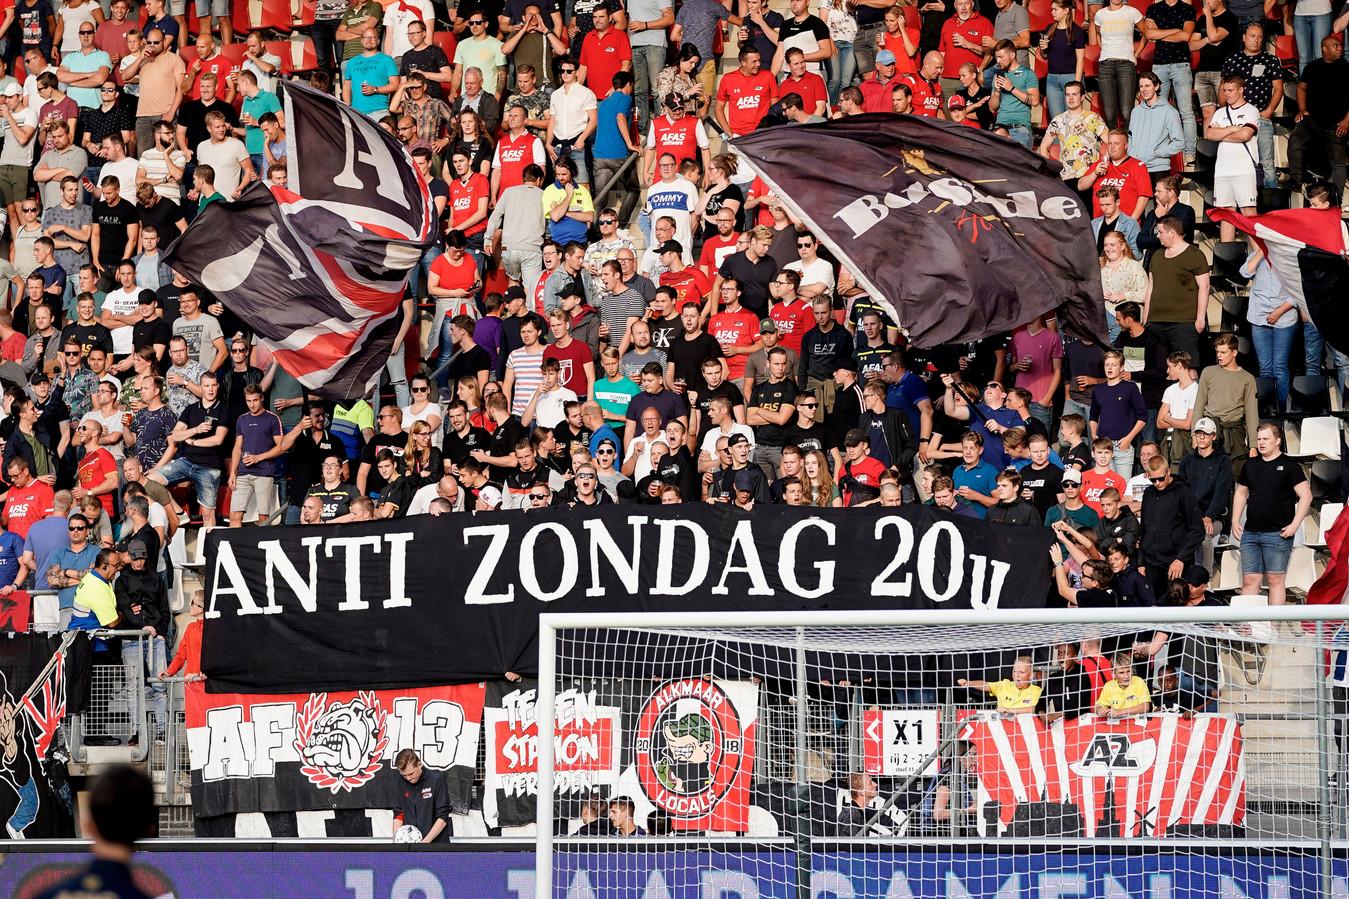 Ook in Alkmaar richten de supporters zich tegen het late aanvangstijdstip.